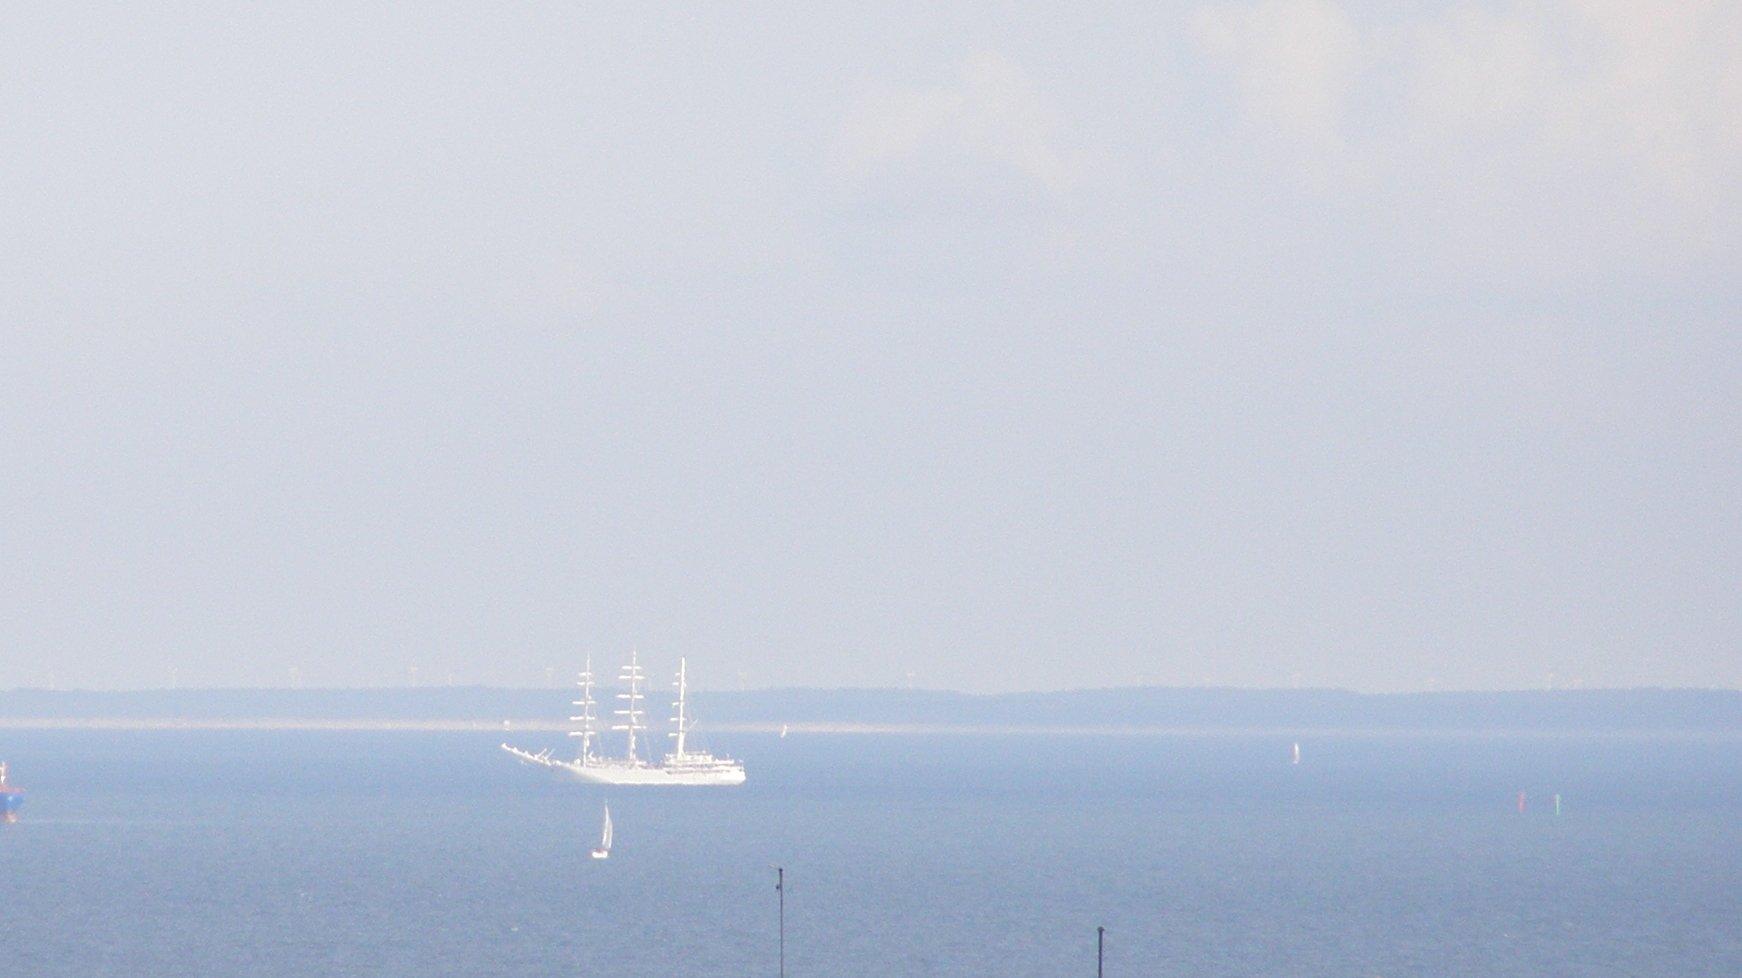 صور السفينة الشراعية الجزائرية  [ الملاح 938 ] - صفحة 6 35962569735_22991d3863_o